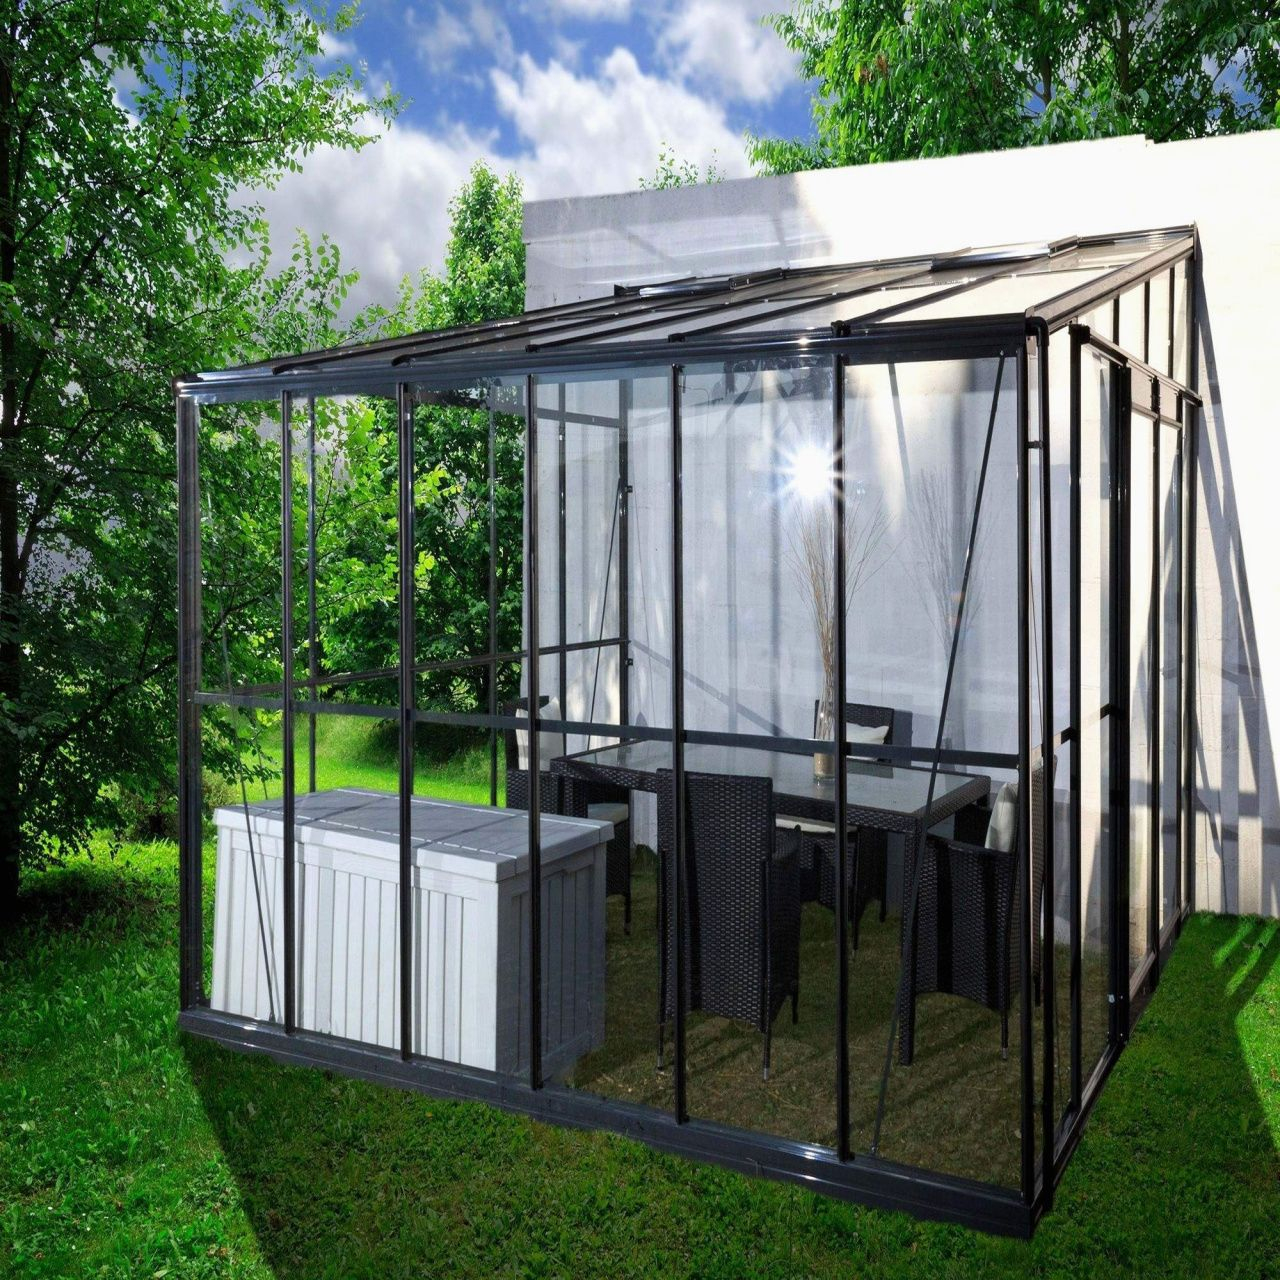 77 Serre De Jardin Leroy Merlin | Indoor Garden, Outdoor, Garden tout Serre De Jardin Leroy Merlin